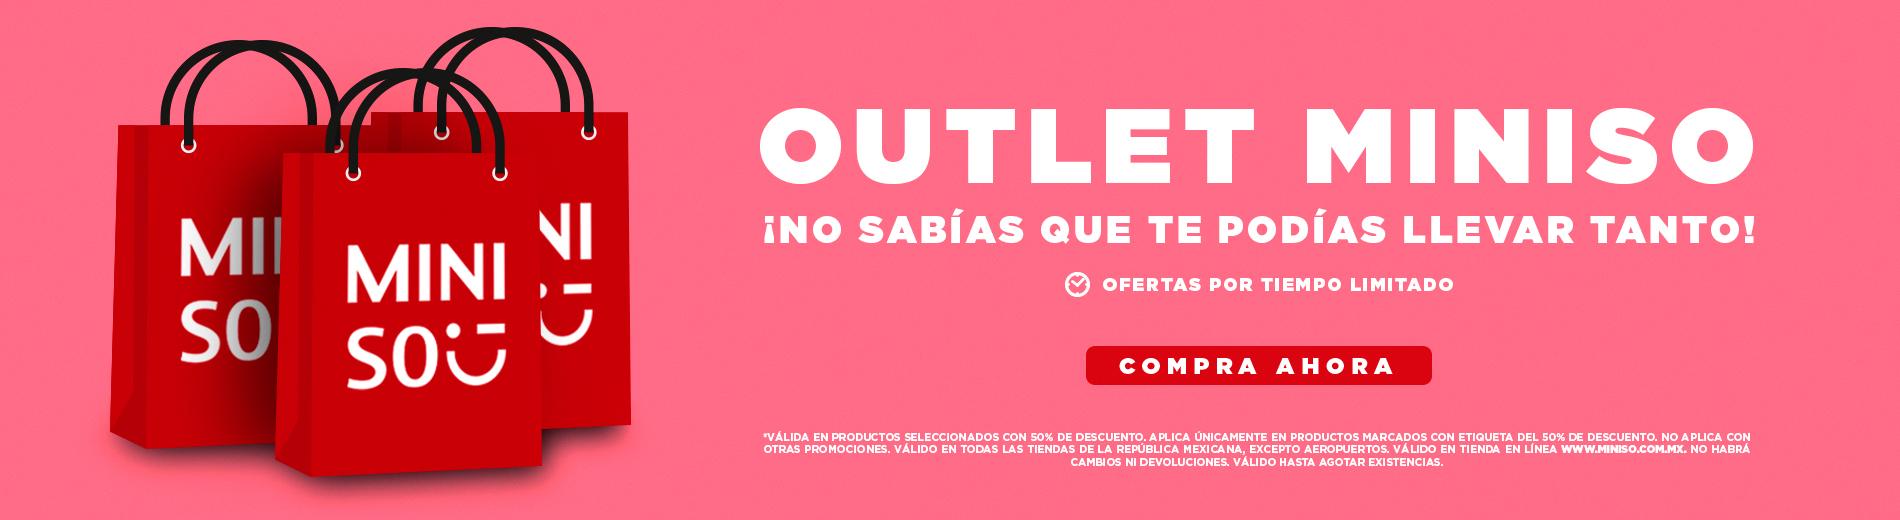 OutletMiniso